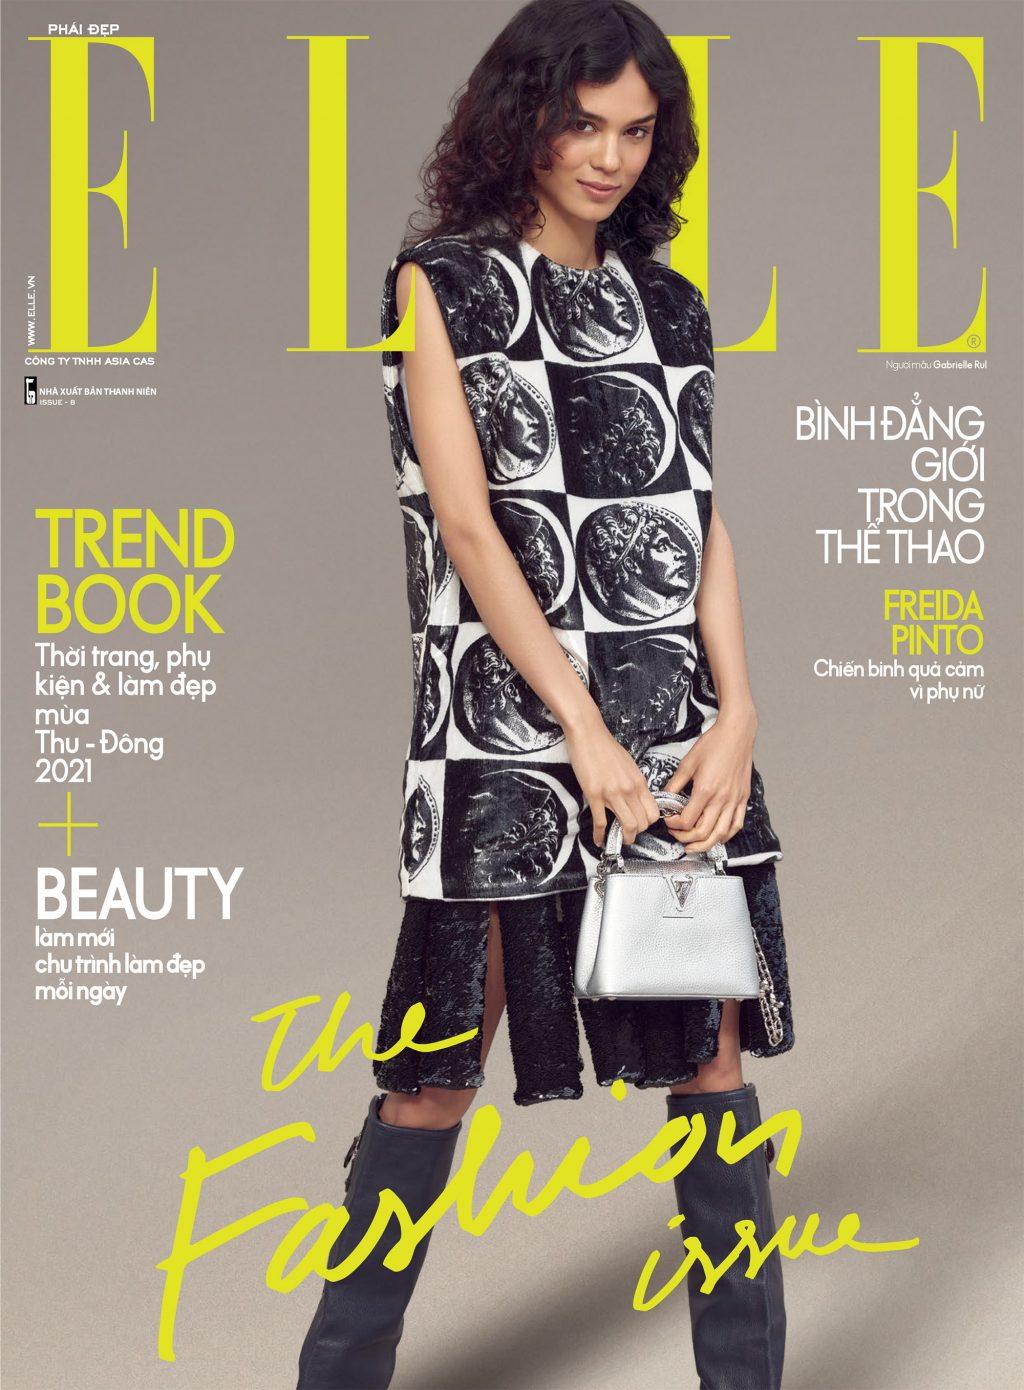 tạp chí phái đẹp elle ẩn phẩm tháng thời trang